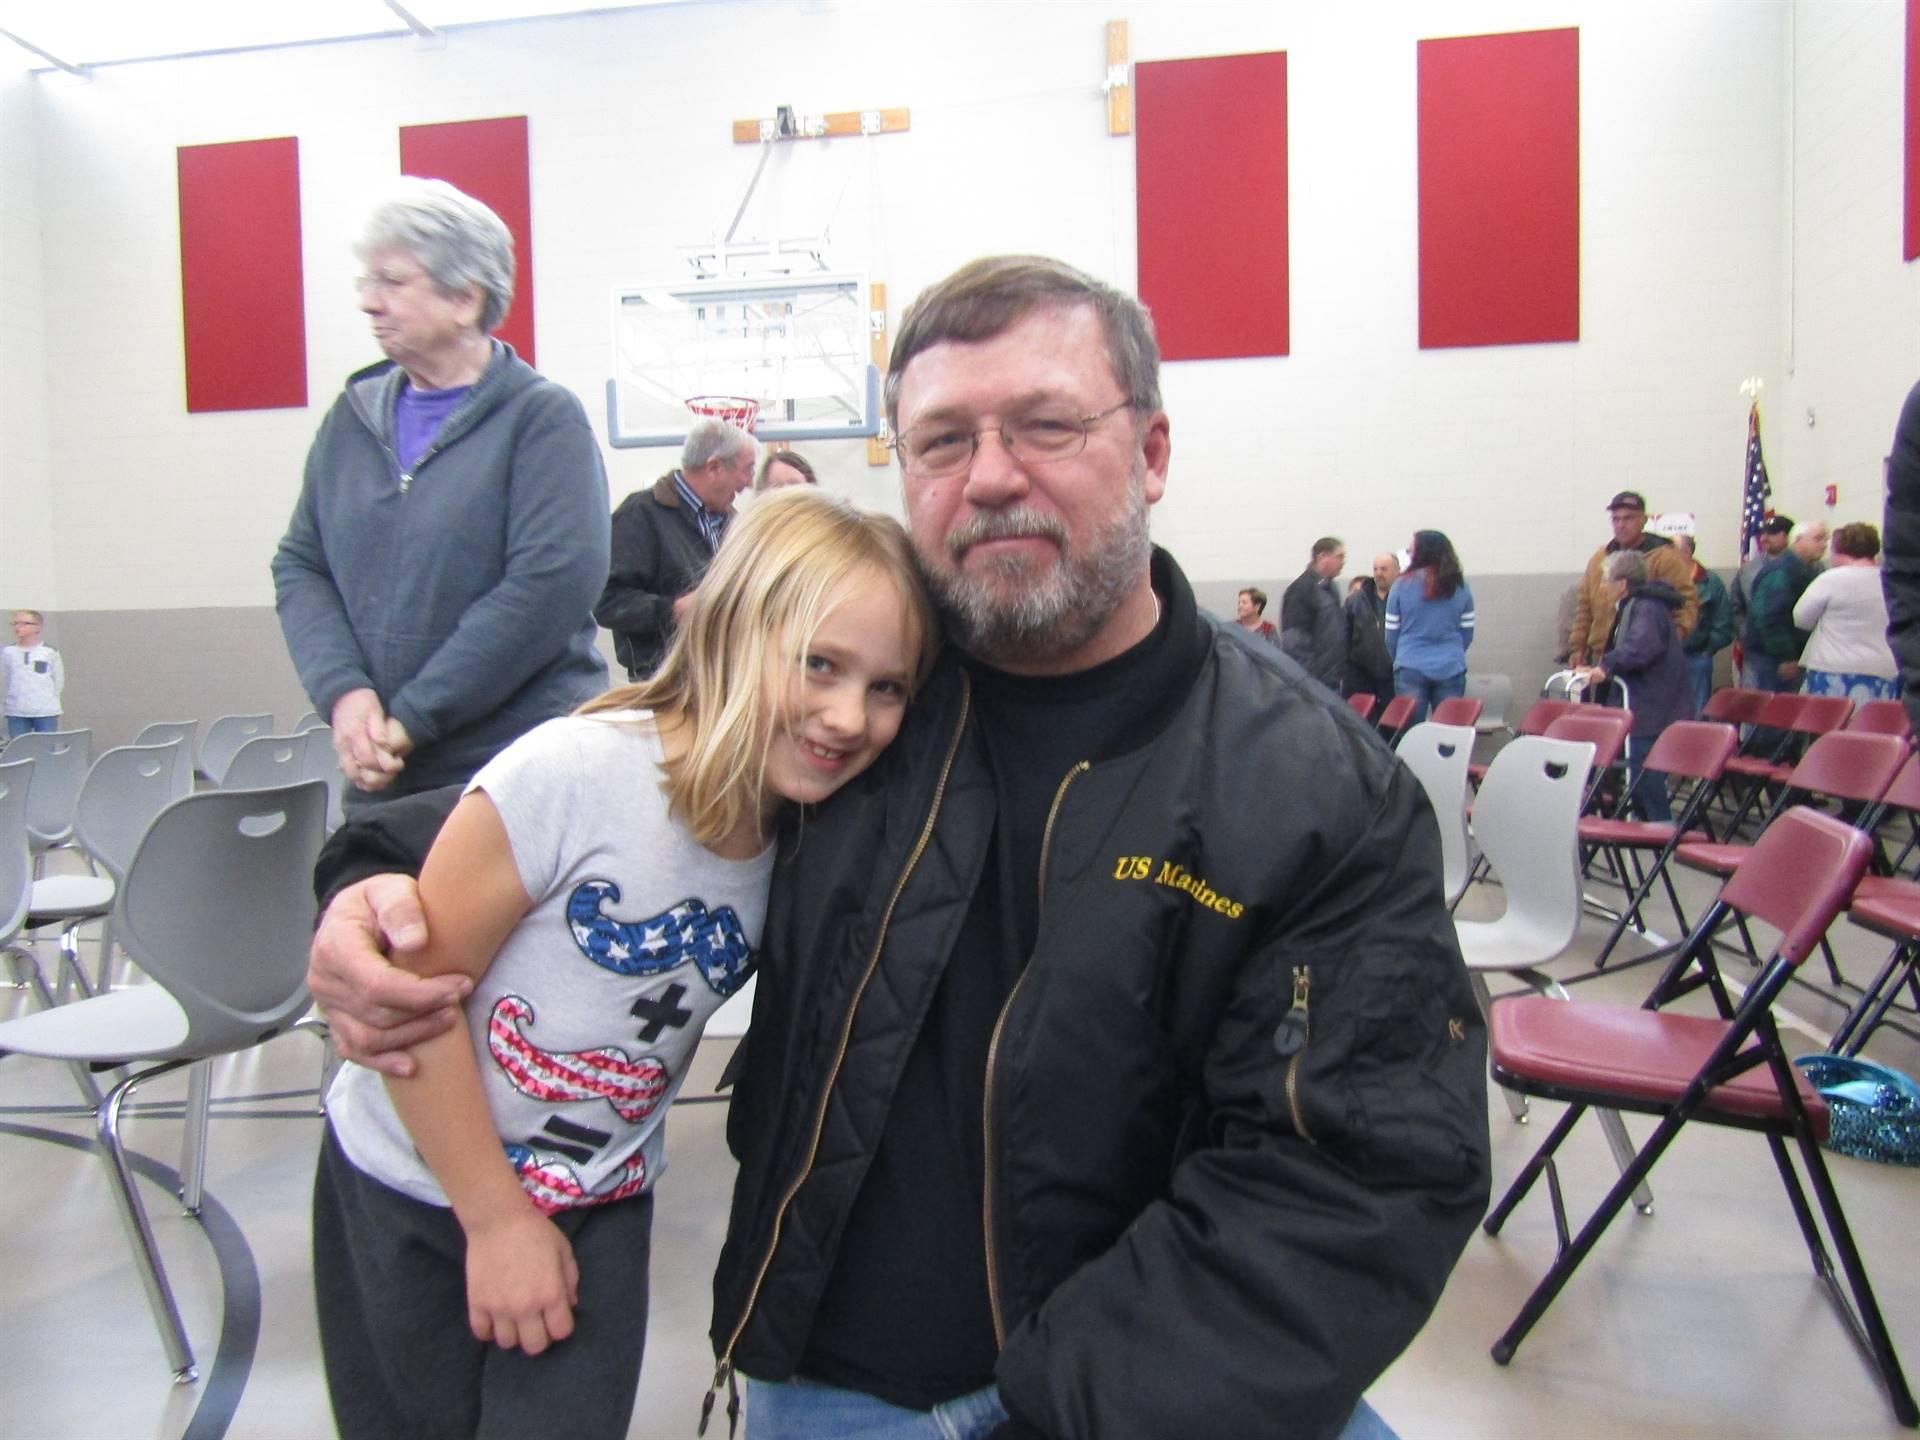 Student hugging her favorite veteran